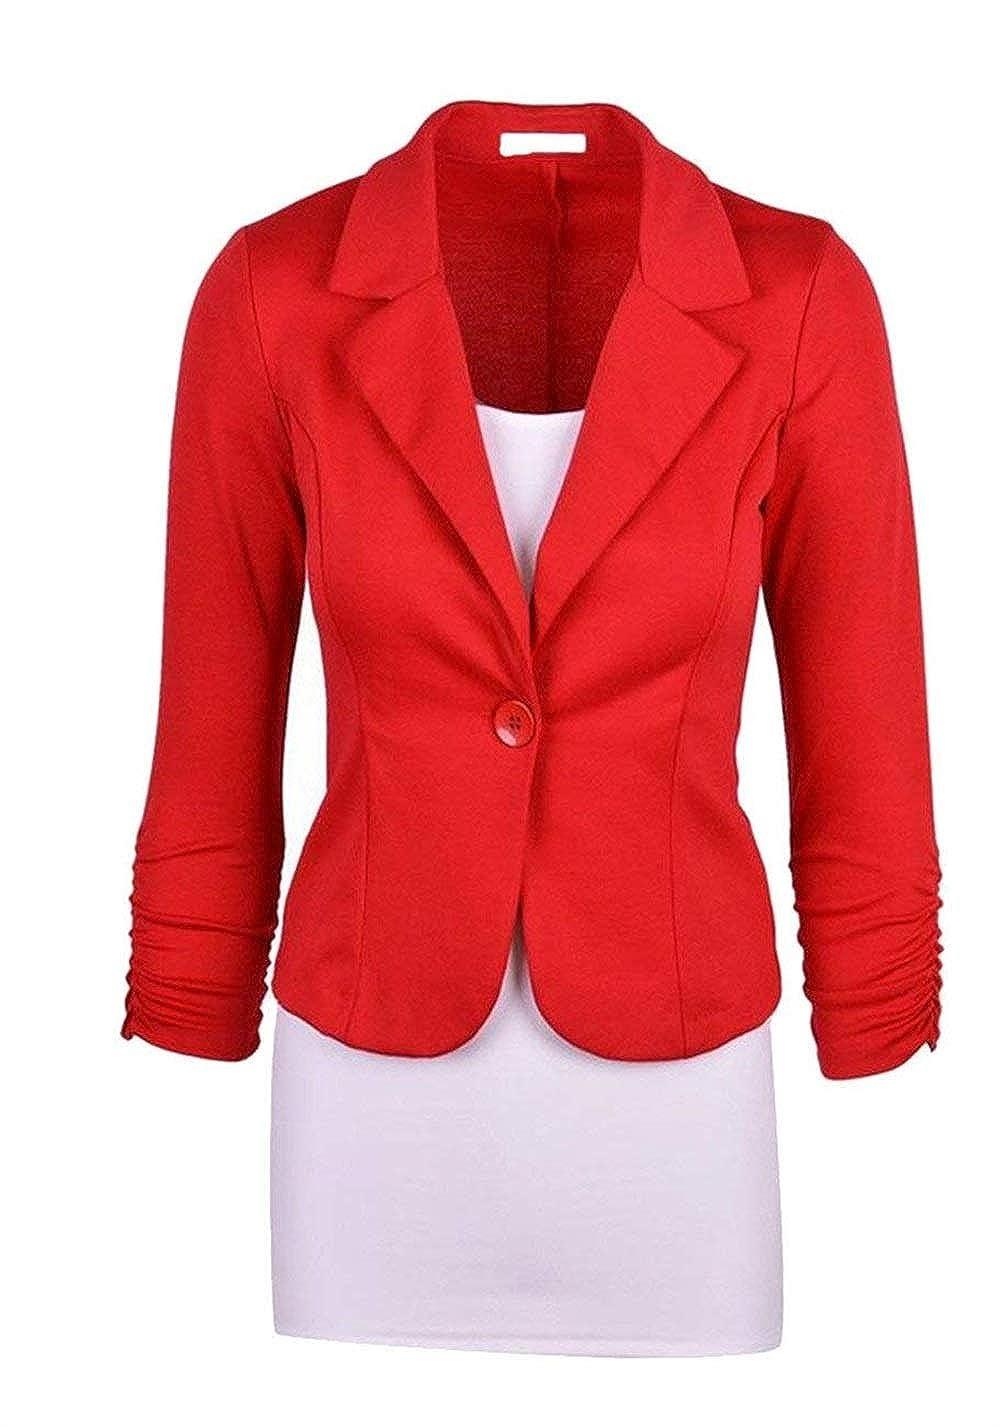 Anaisy Donna Blazer Slim Fit Autunno Ovest Button Puro Colore Giovane Bavero Manica Lunga Business Cappotto Corto Modern Stile Outerwear Women